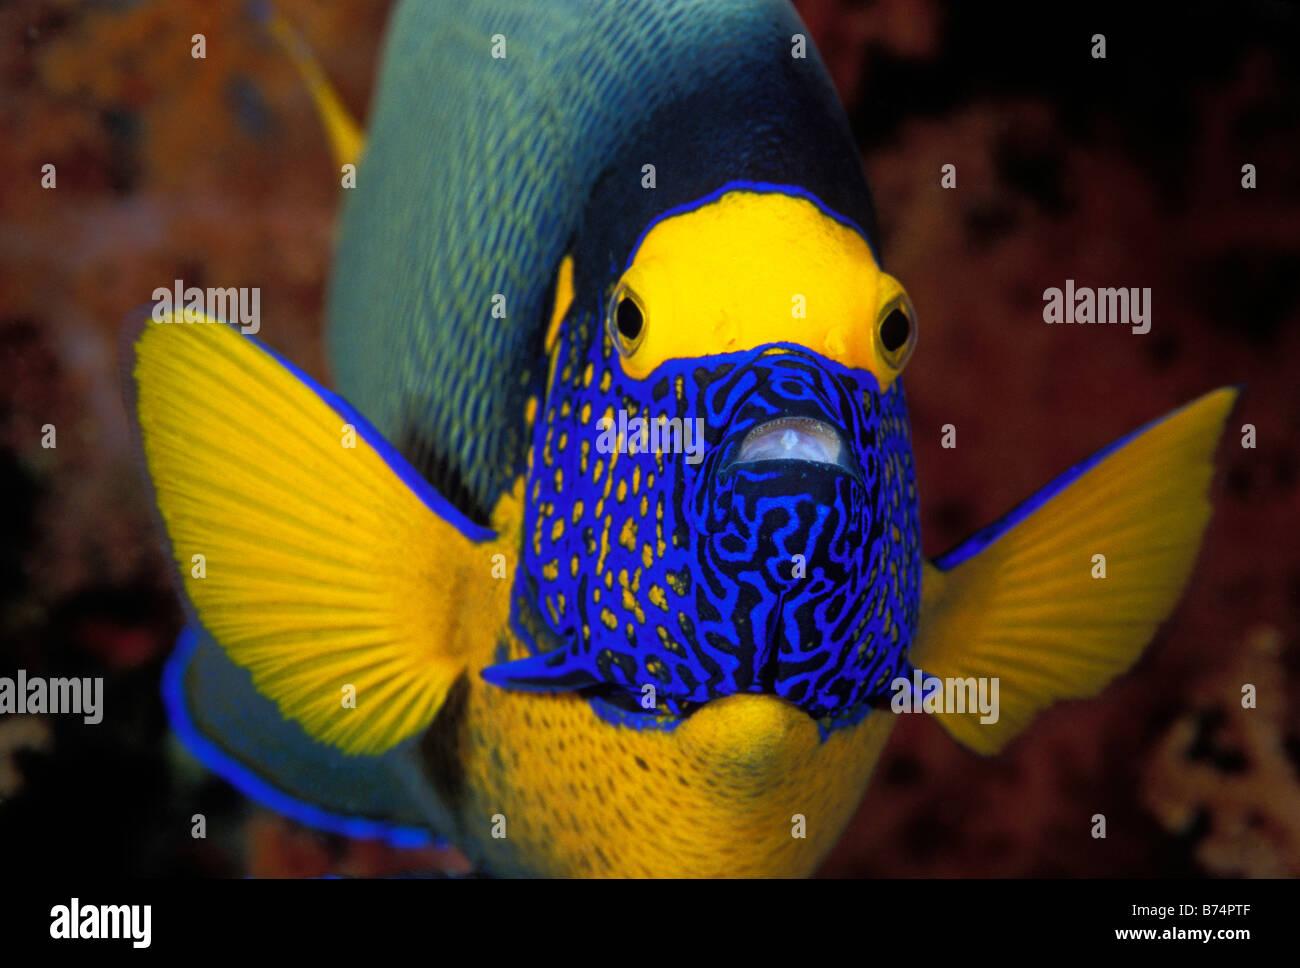 Blue face angelfish, Pomacanthus xanthometopon, Sulawesi, Indonesia. - Stock Image